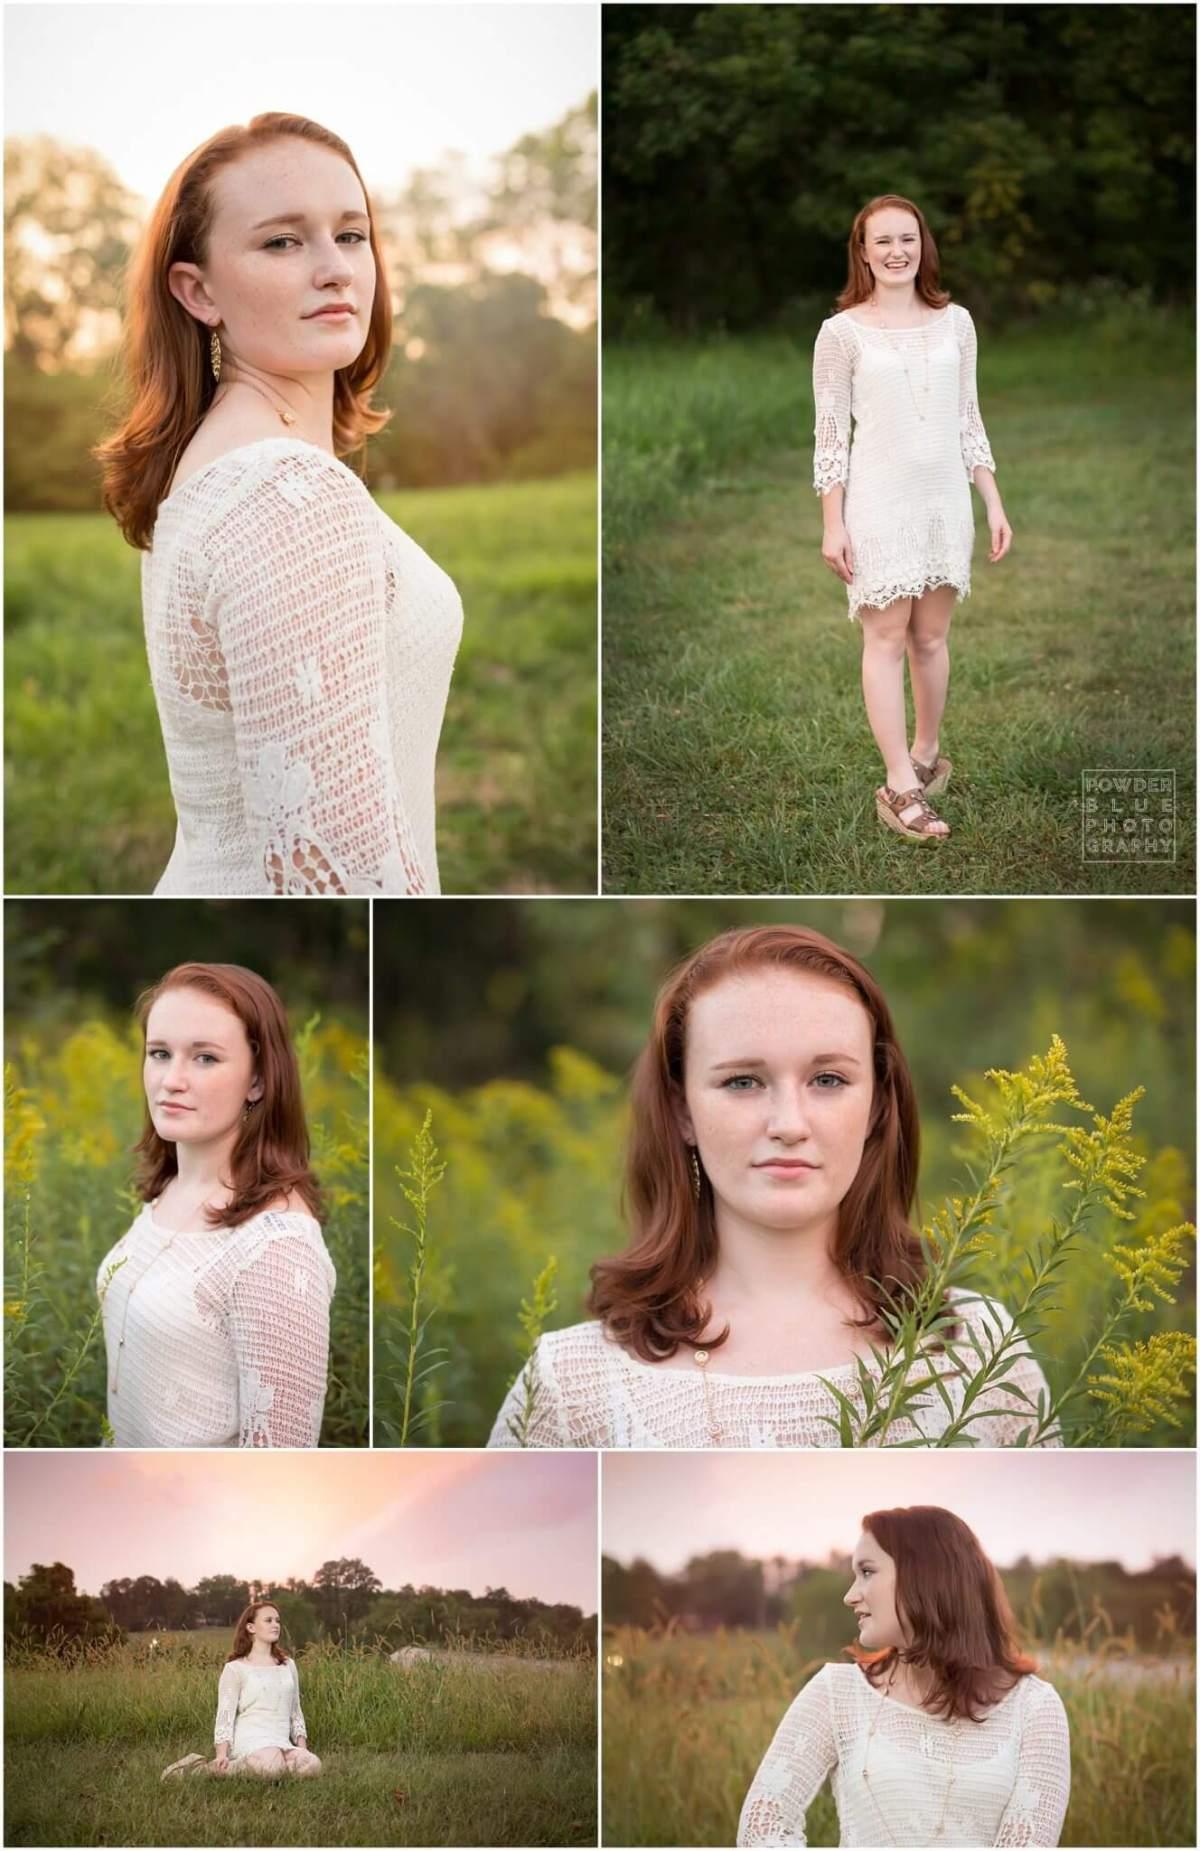 pittsburgh senior portrait in field at sunset girl wearing white crochet dress